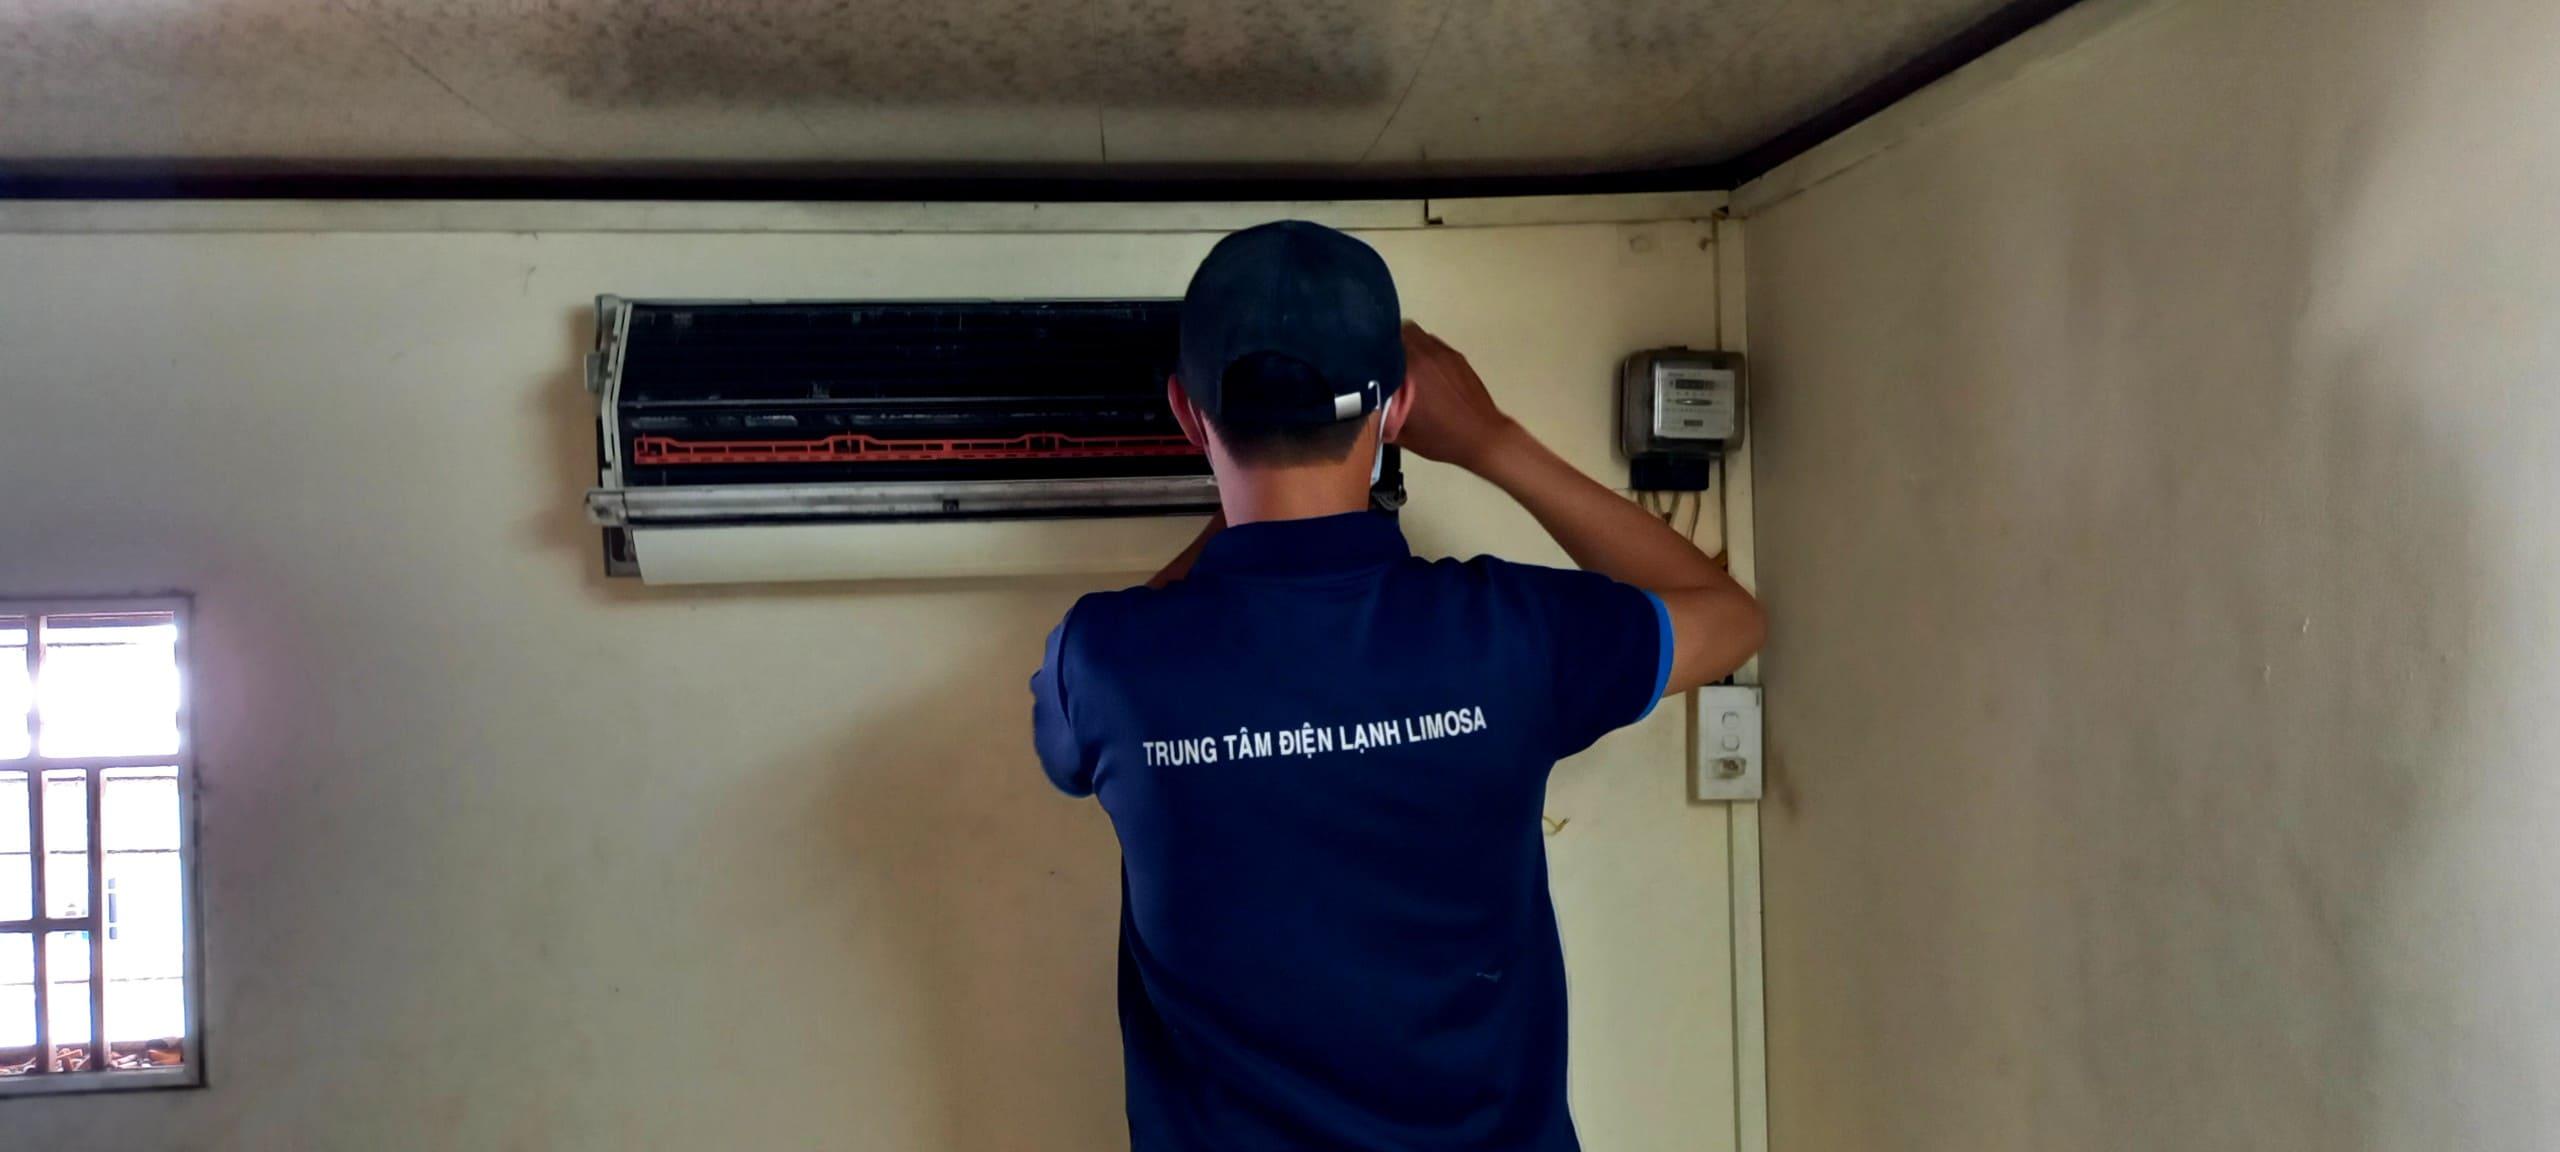 sửa máy lạnh Fujiyama